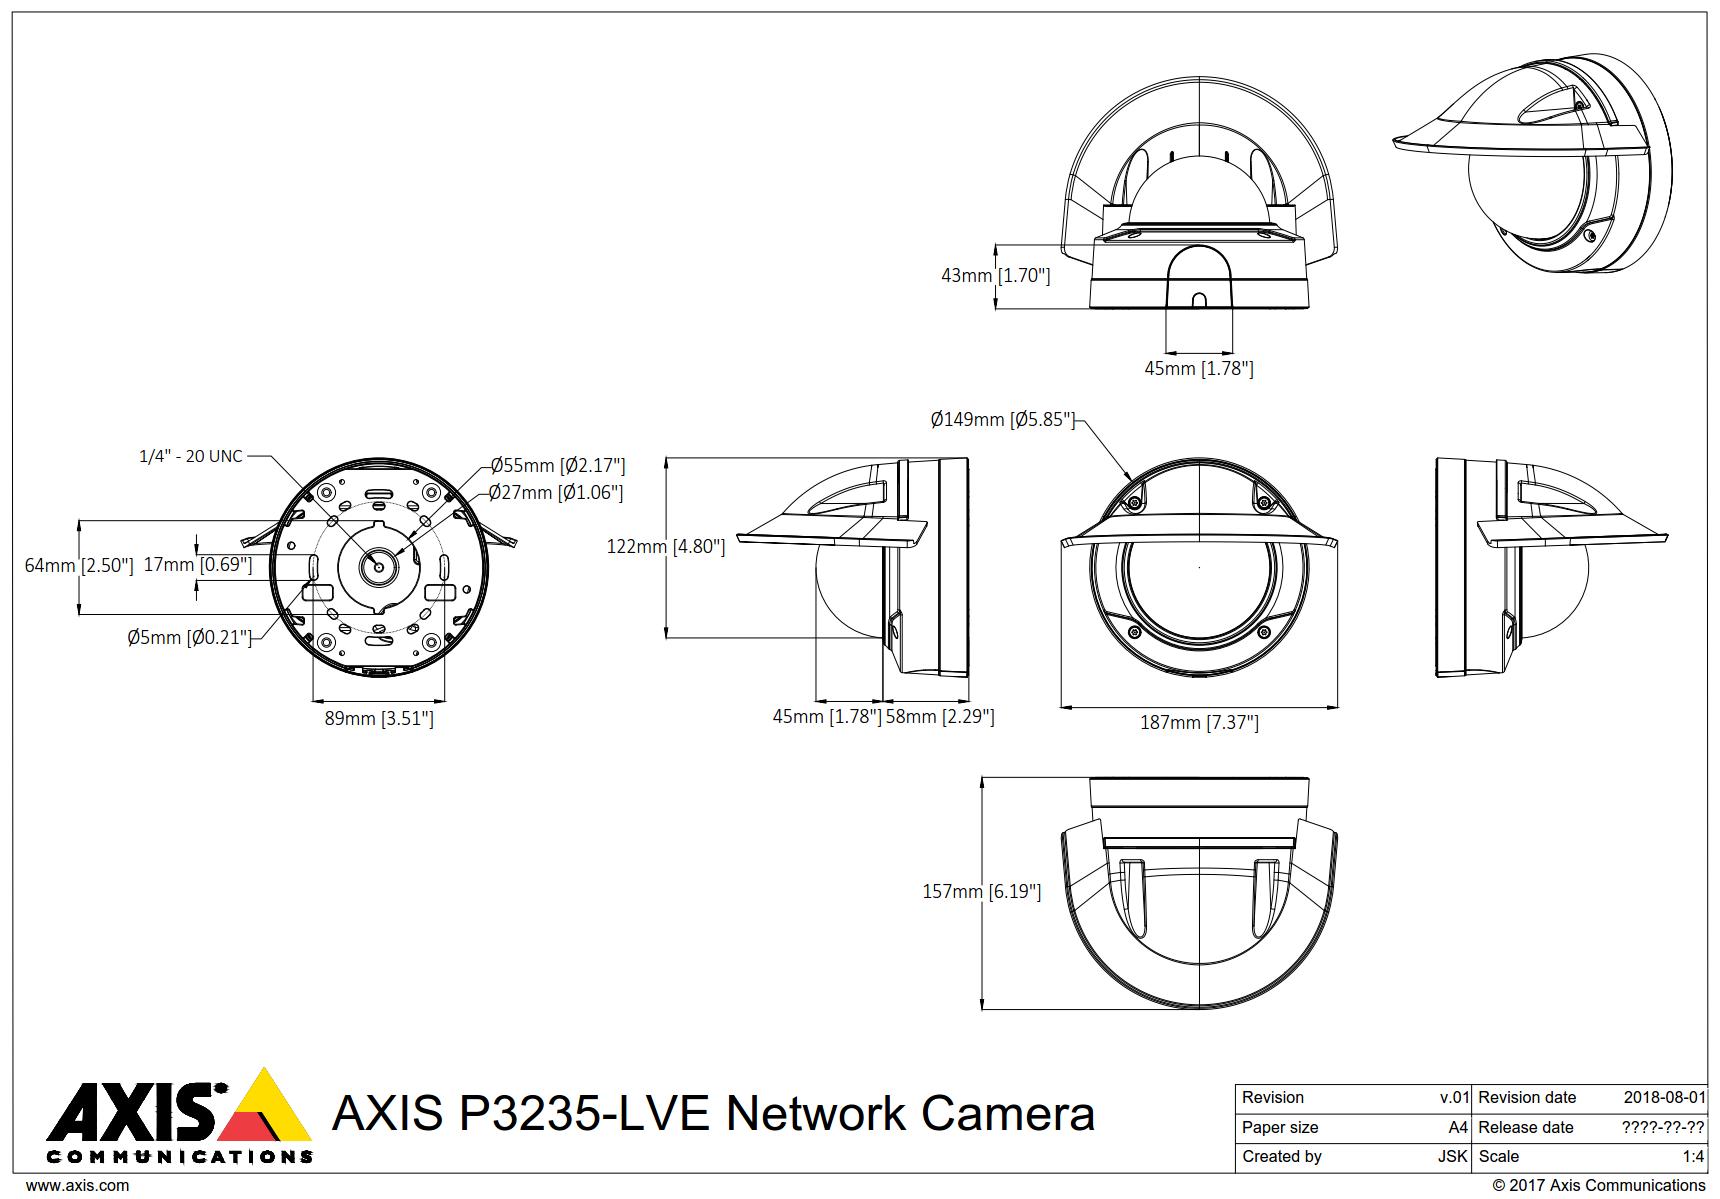 P3235-LVE Dimensions